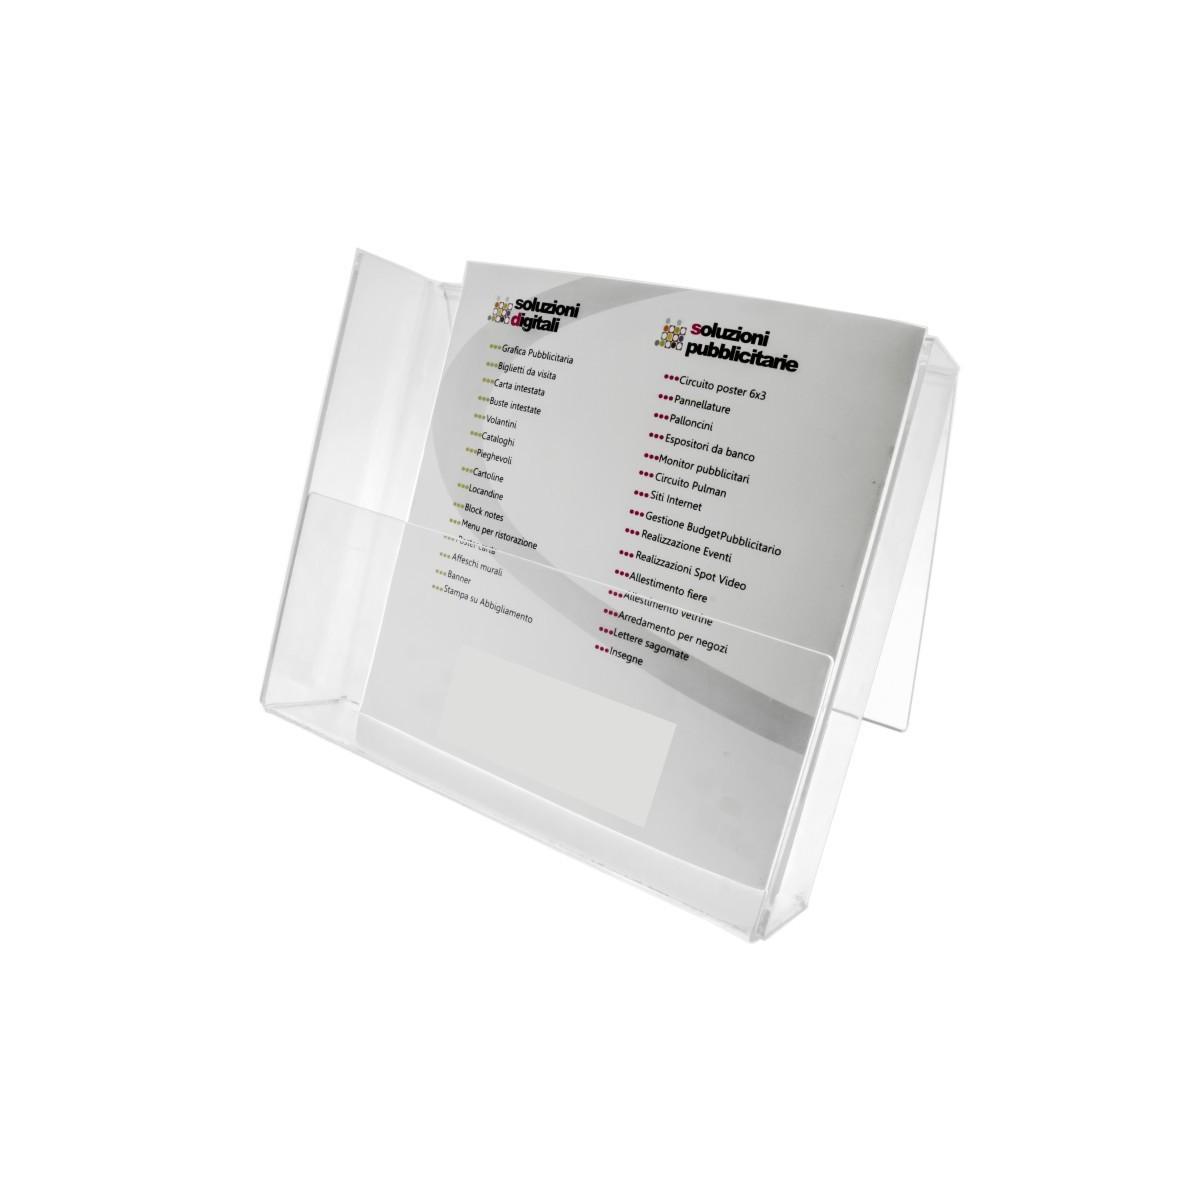 E-017 PD - Porta depliant in plexiglass trasparente, Formato A4